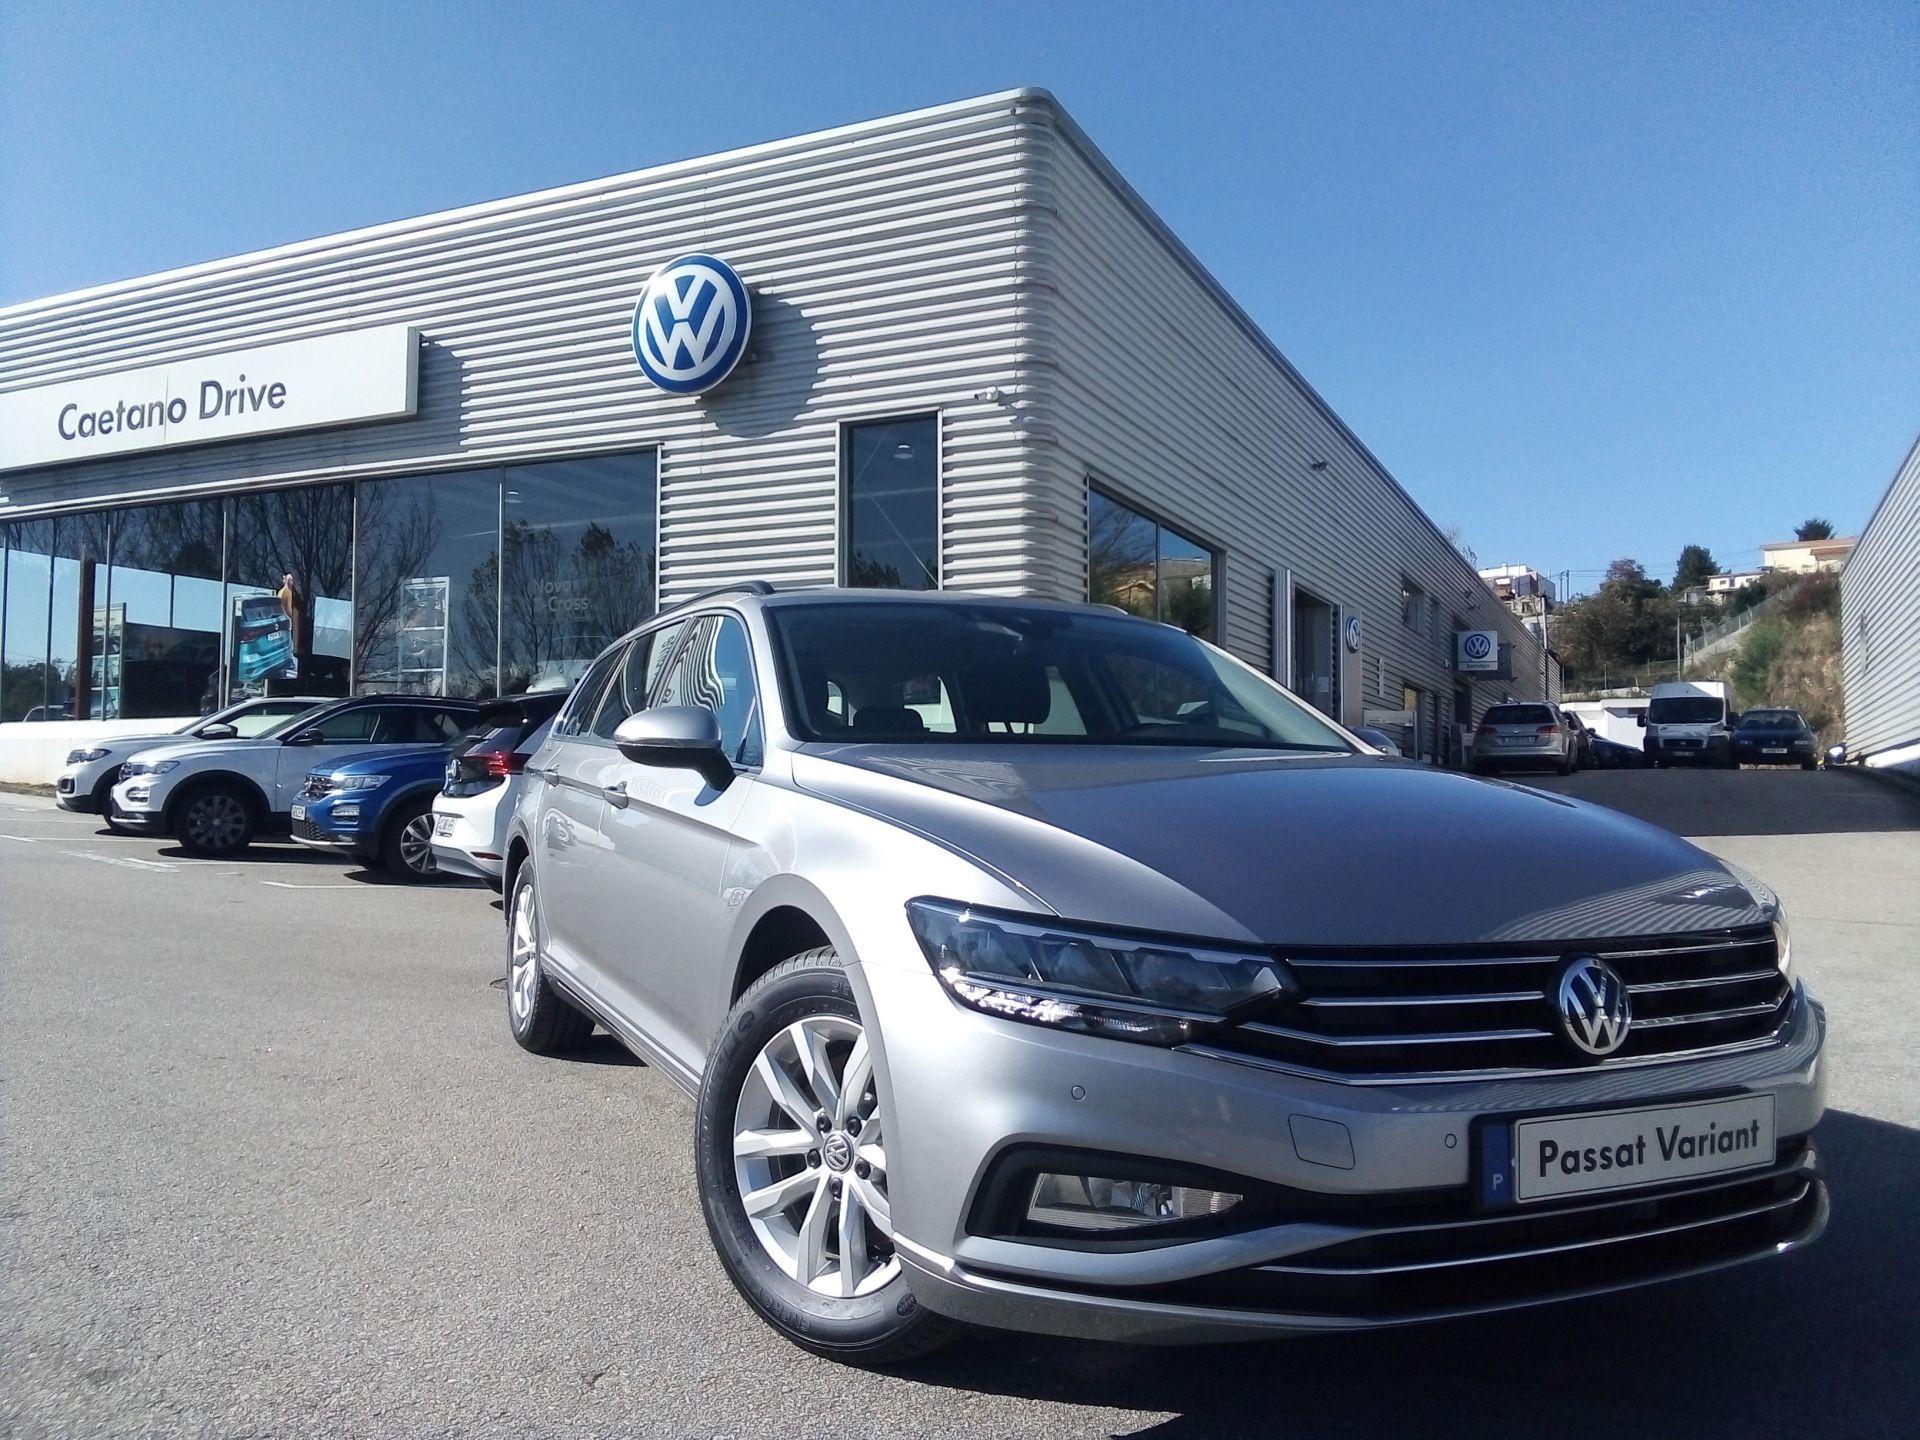 Volkswagen Passat 1.6 TDI 120cv DSG Variant segunda mão Porto